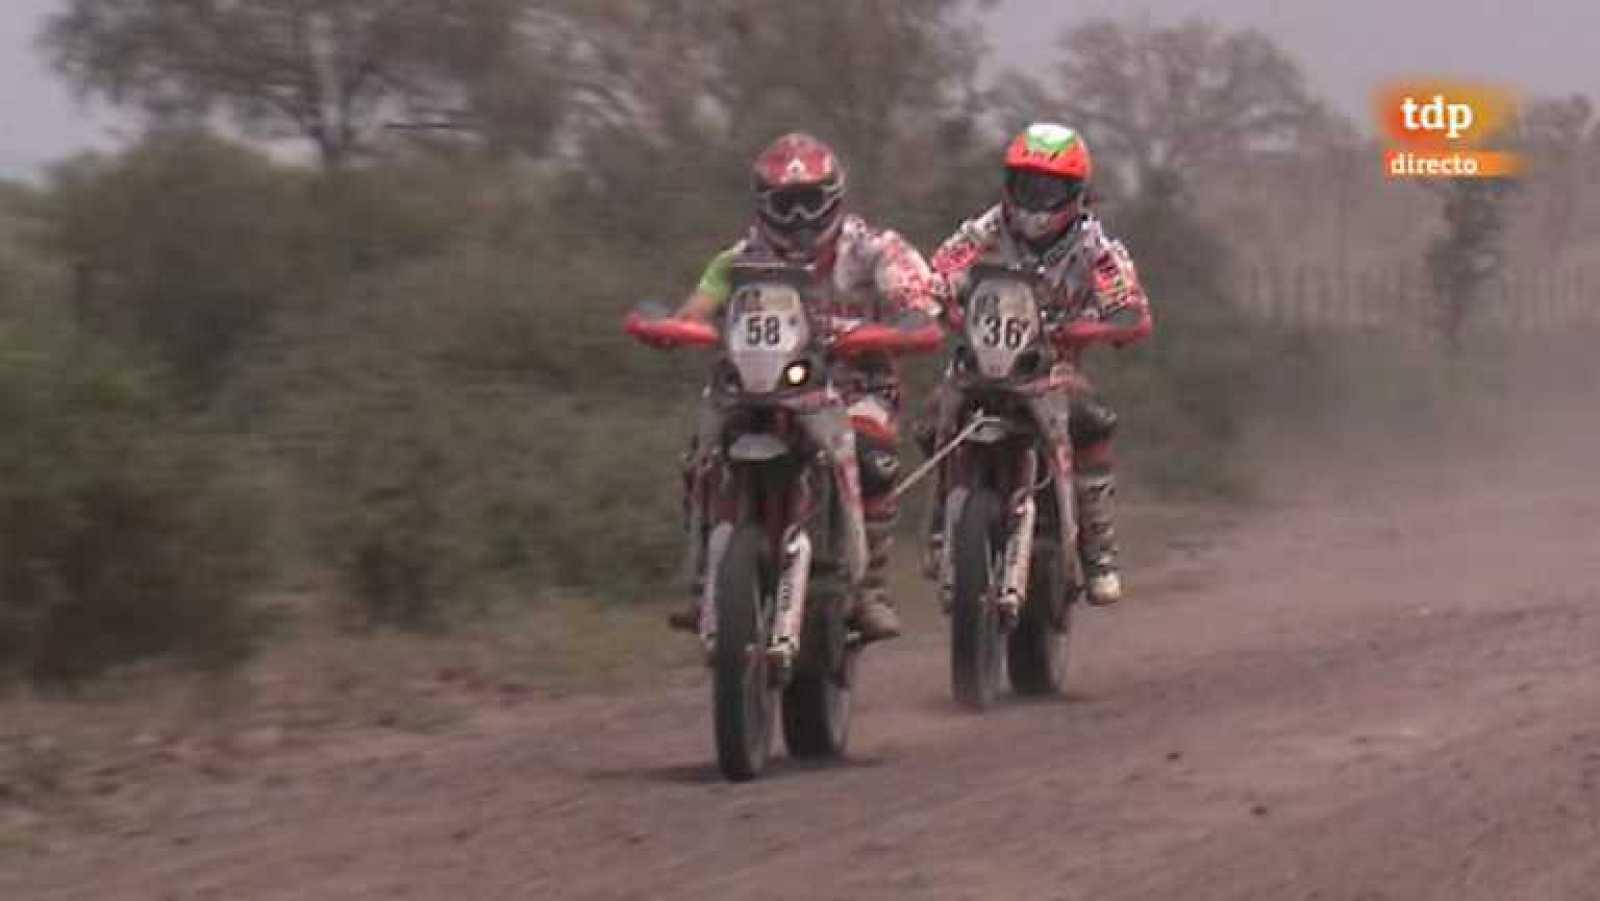 Rally Dakar 2013 - Etapa 9 (San Miguel de Tucumá - Córdoba) - 14/01/13 - Ver ahora